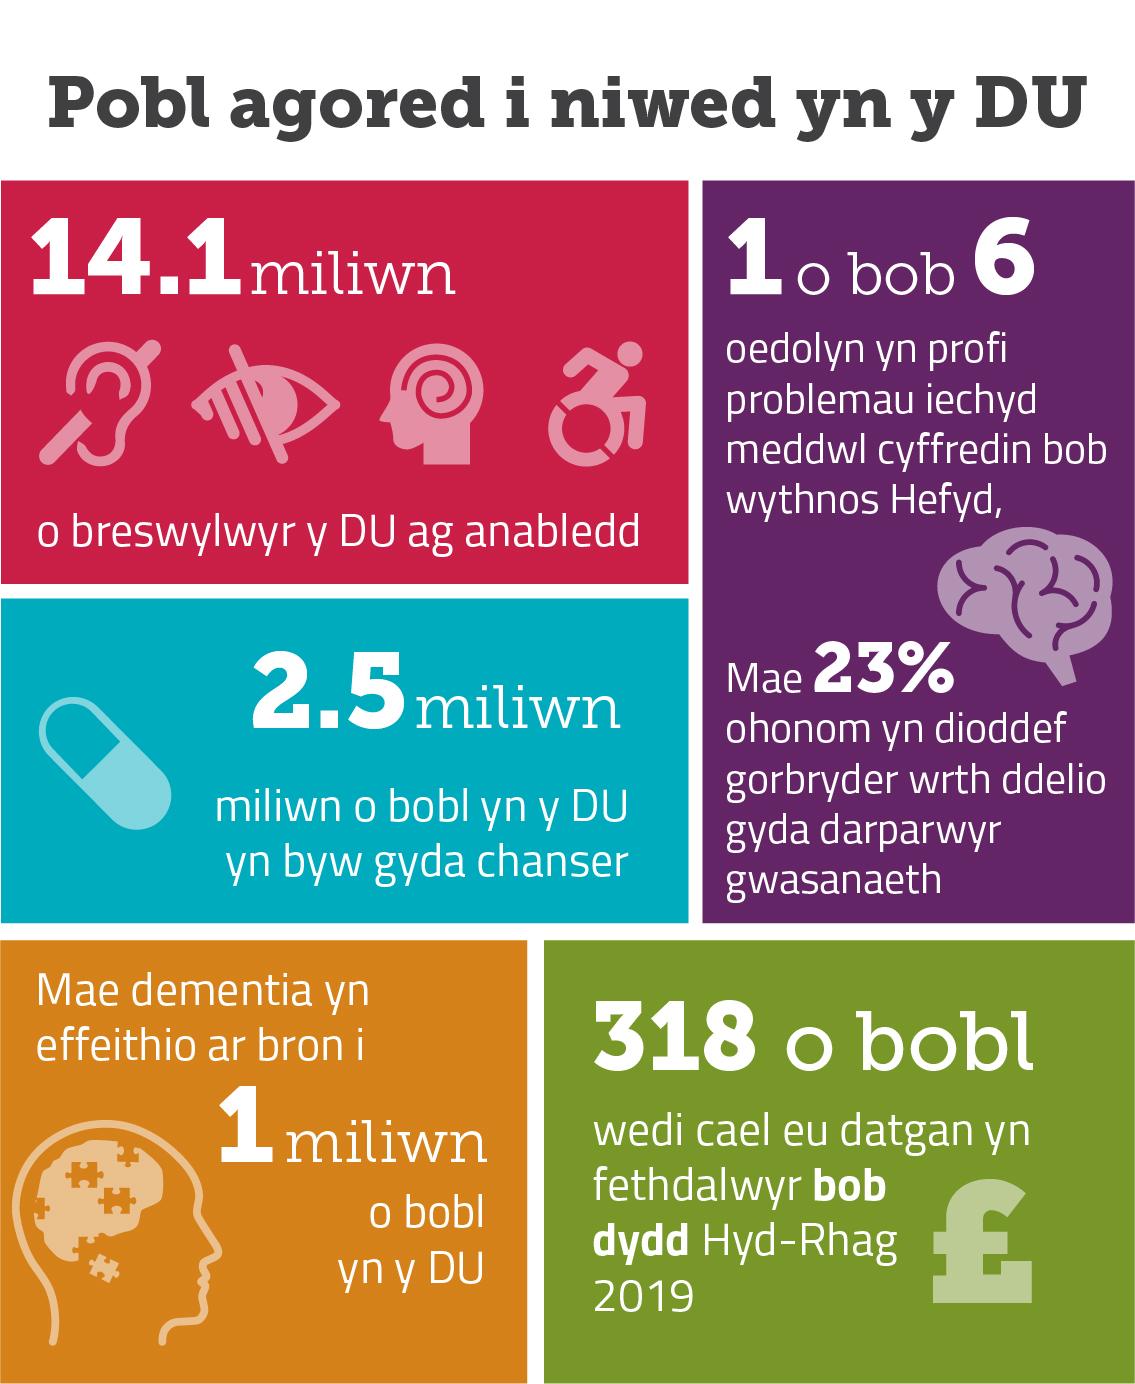 Darlun yn dangos niferoedd pobl sy'n agored i niwed yn y DU mae 14.1 miliwn  ag anabledd, mae 1 ymhob 6 o oedolion yn profi problemau meddyliol bob wythnos, 23 % yn dioddef gorbryder ac mae 1 miliwn yn dioddef o dementia.